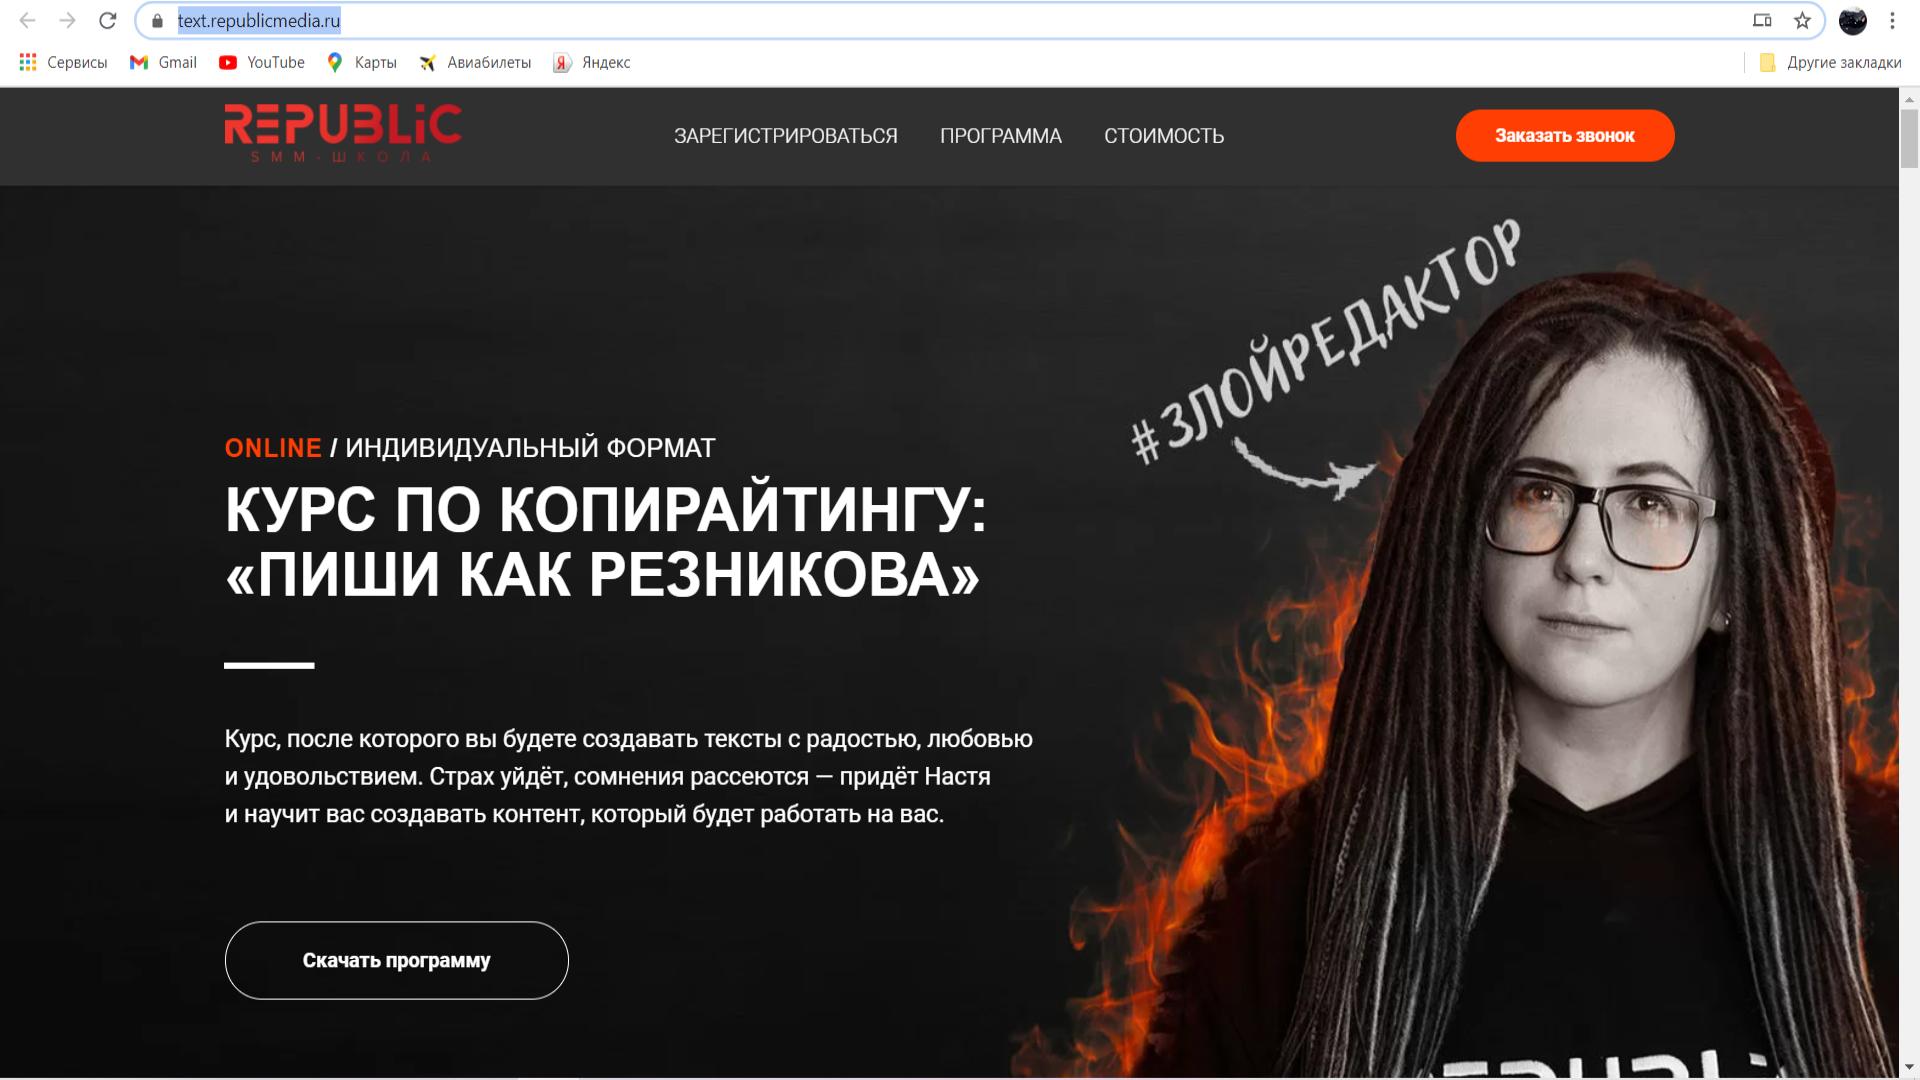 Пиши как Резникова.png